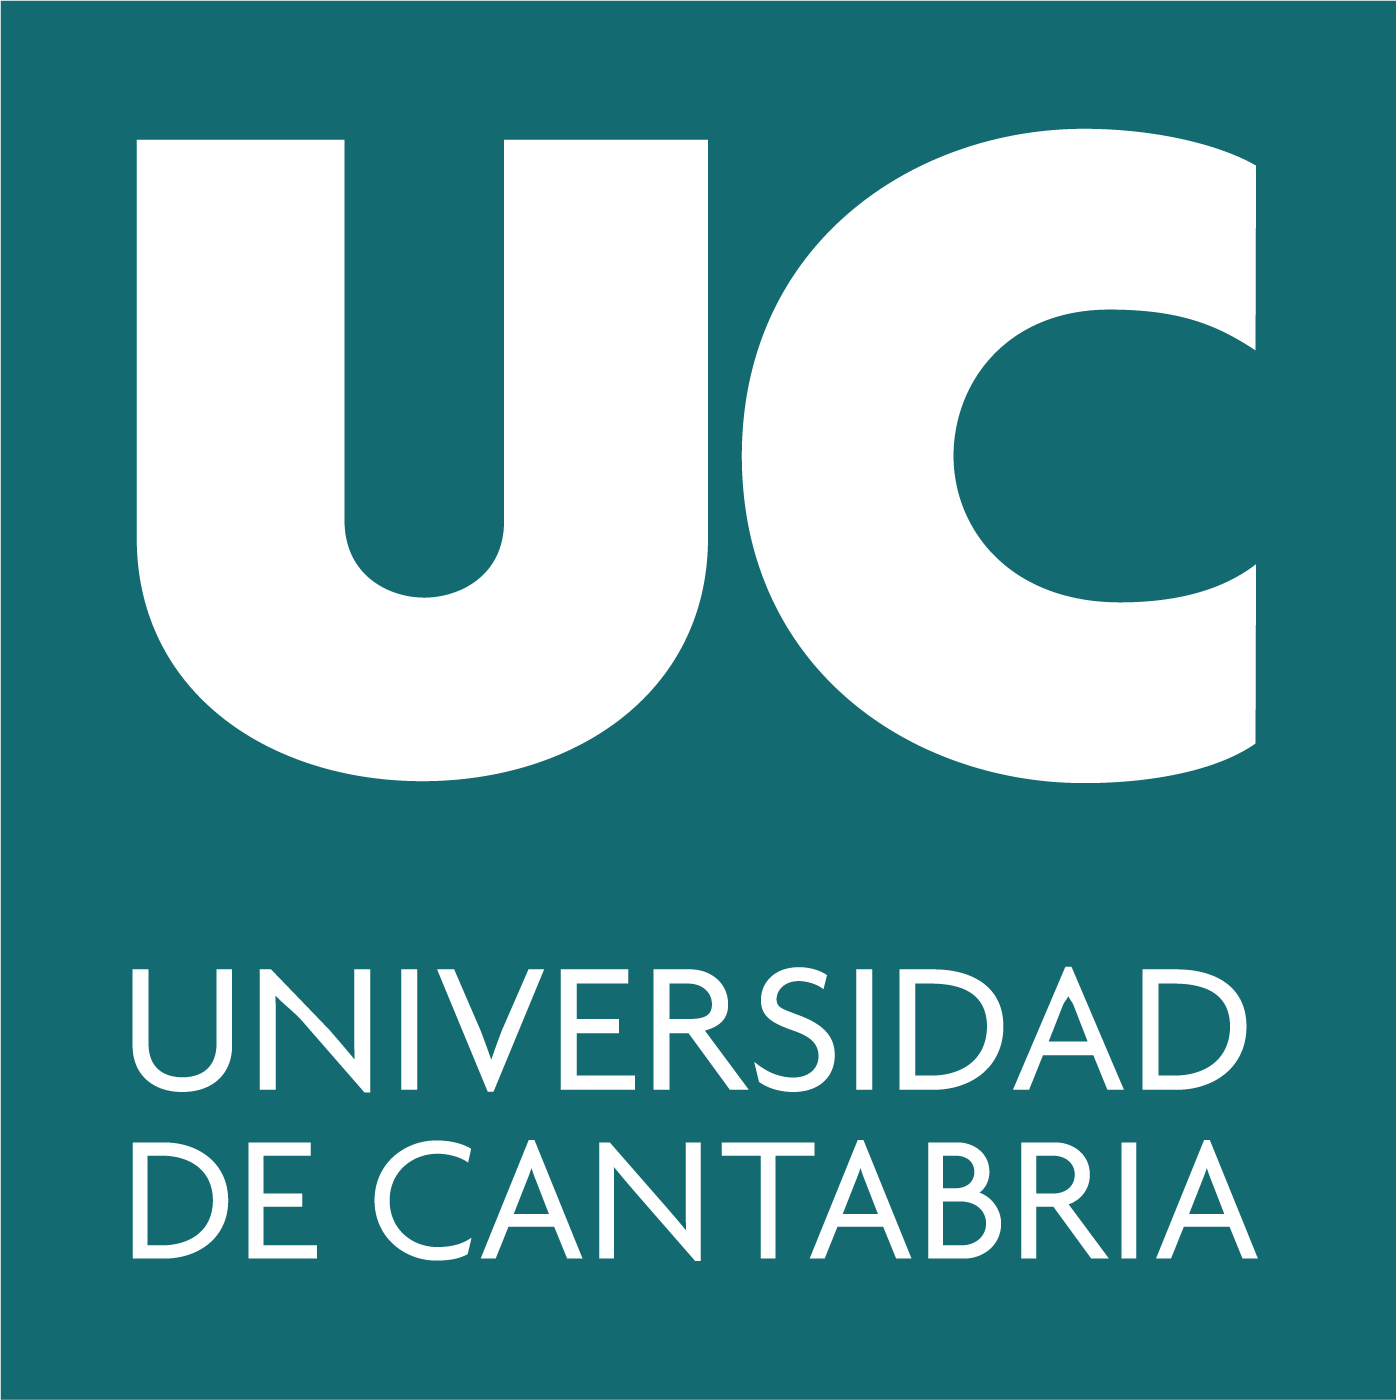 Universidad de Cantabria.